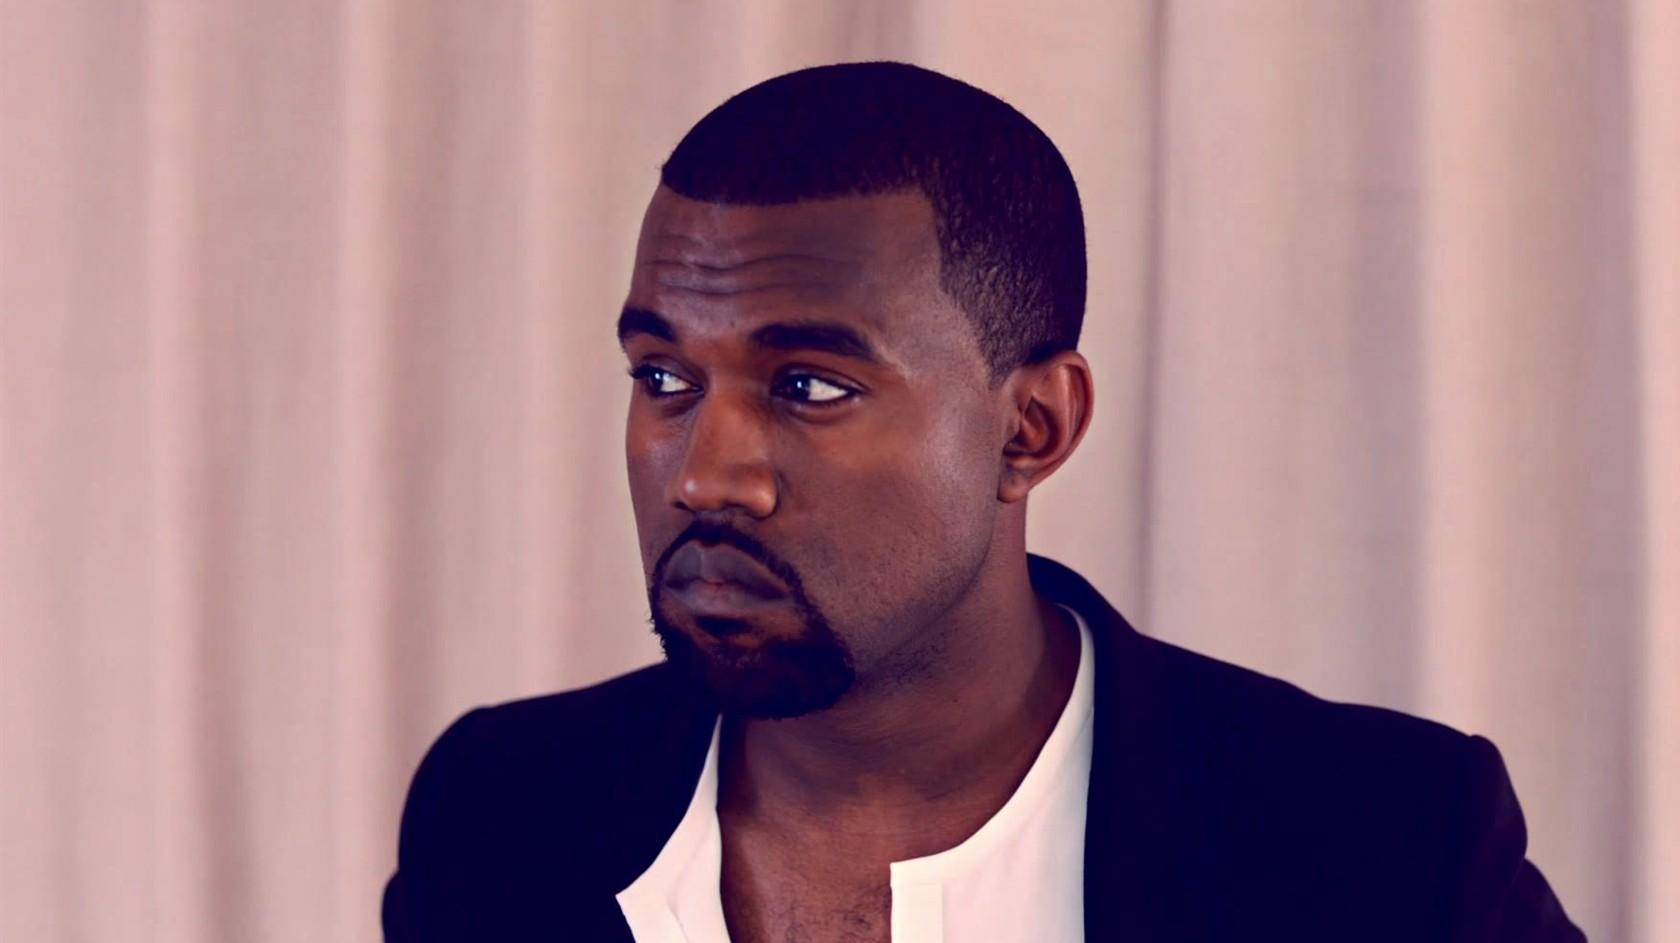 Kanye West saca 2 nuevas canciones a través de Soundcloud 2015